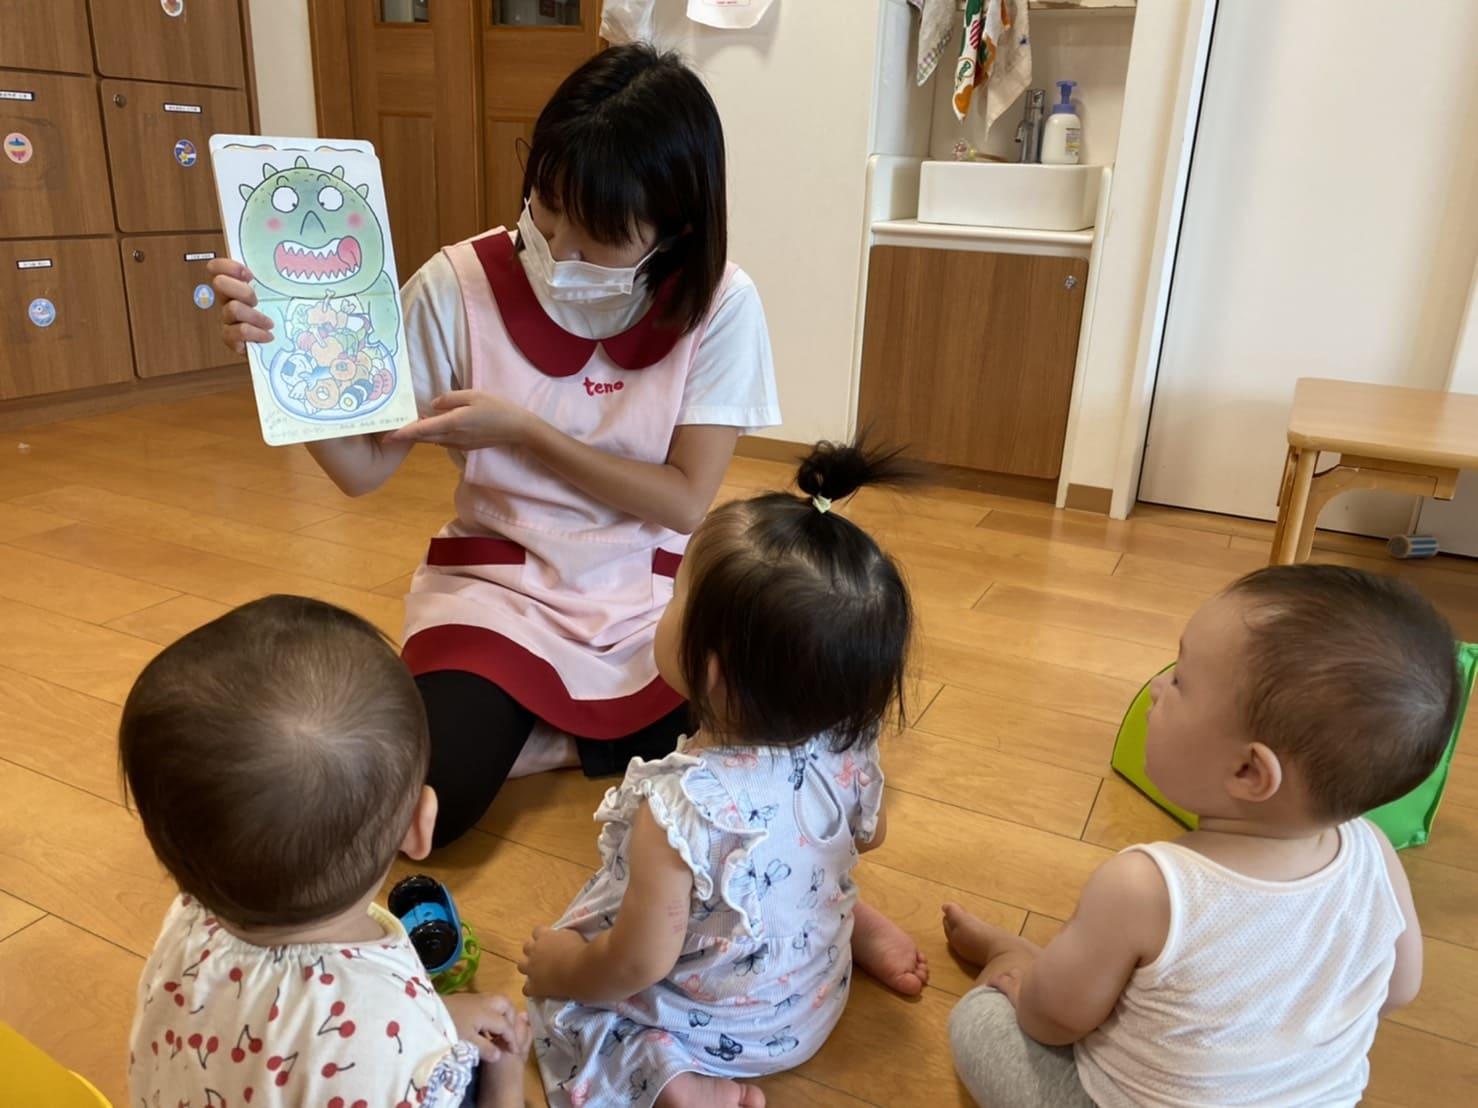 米崎先生が絵本を読むと、子ども達は釘付けですイメージ